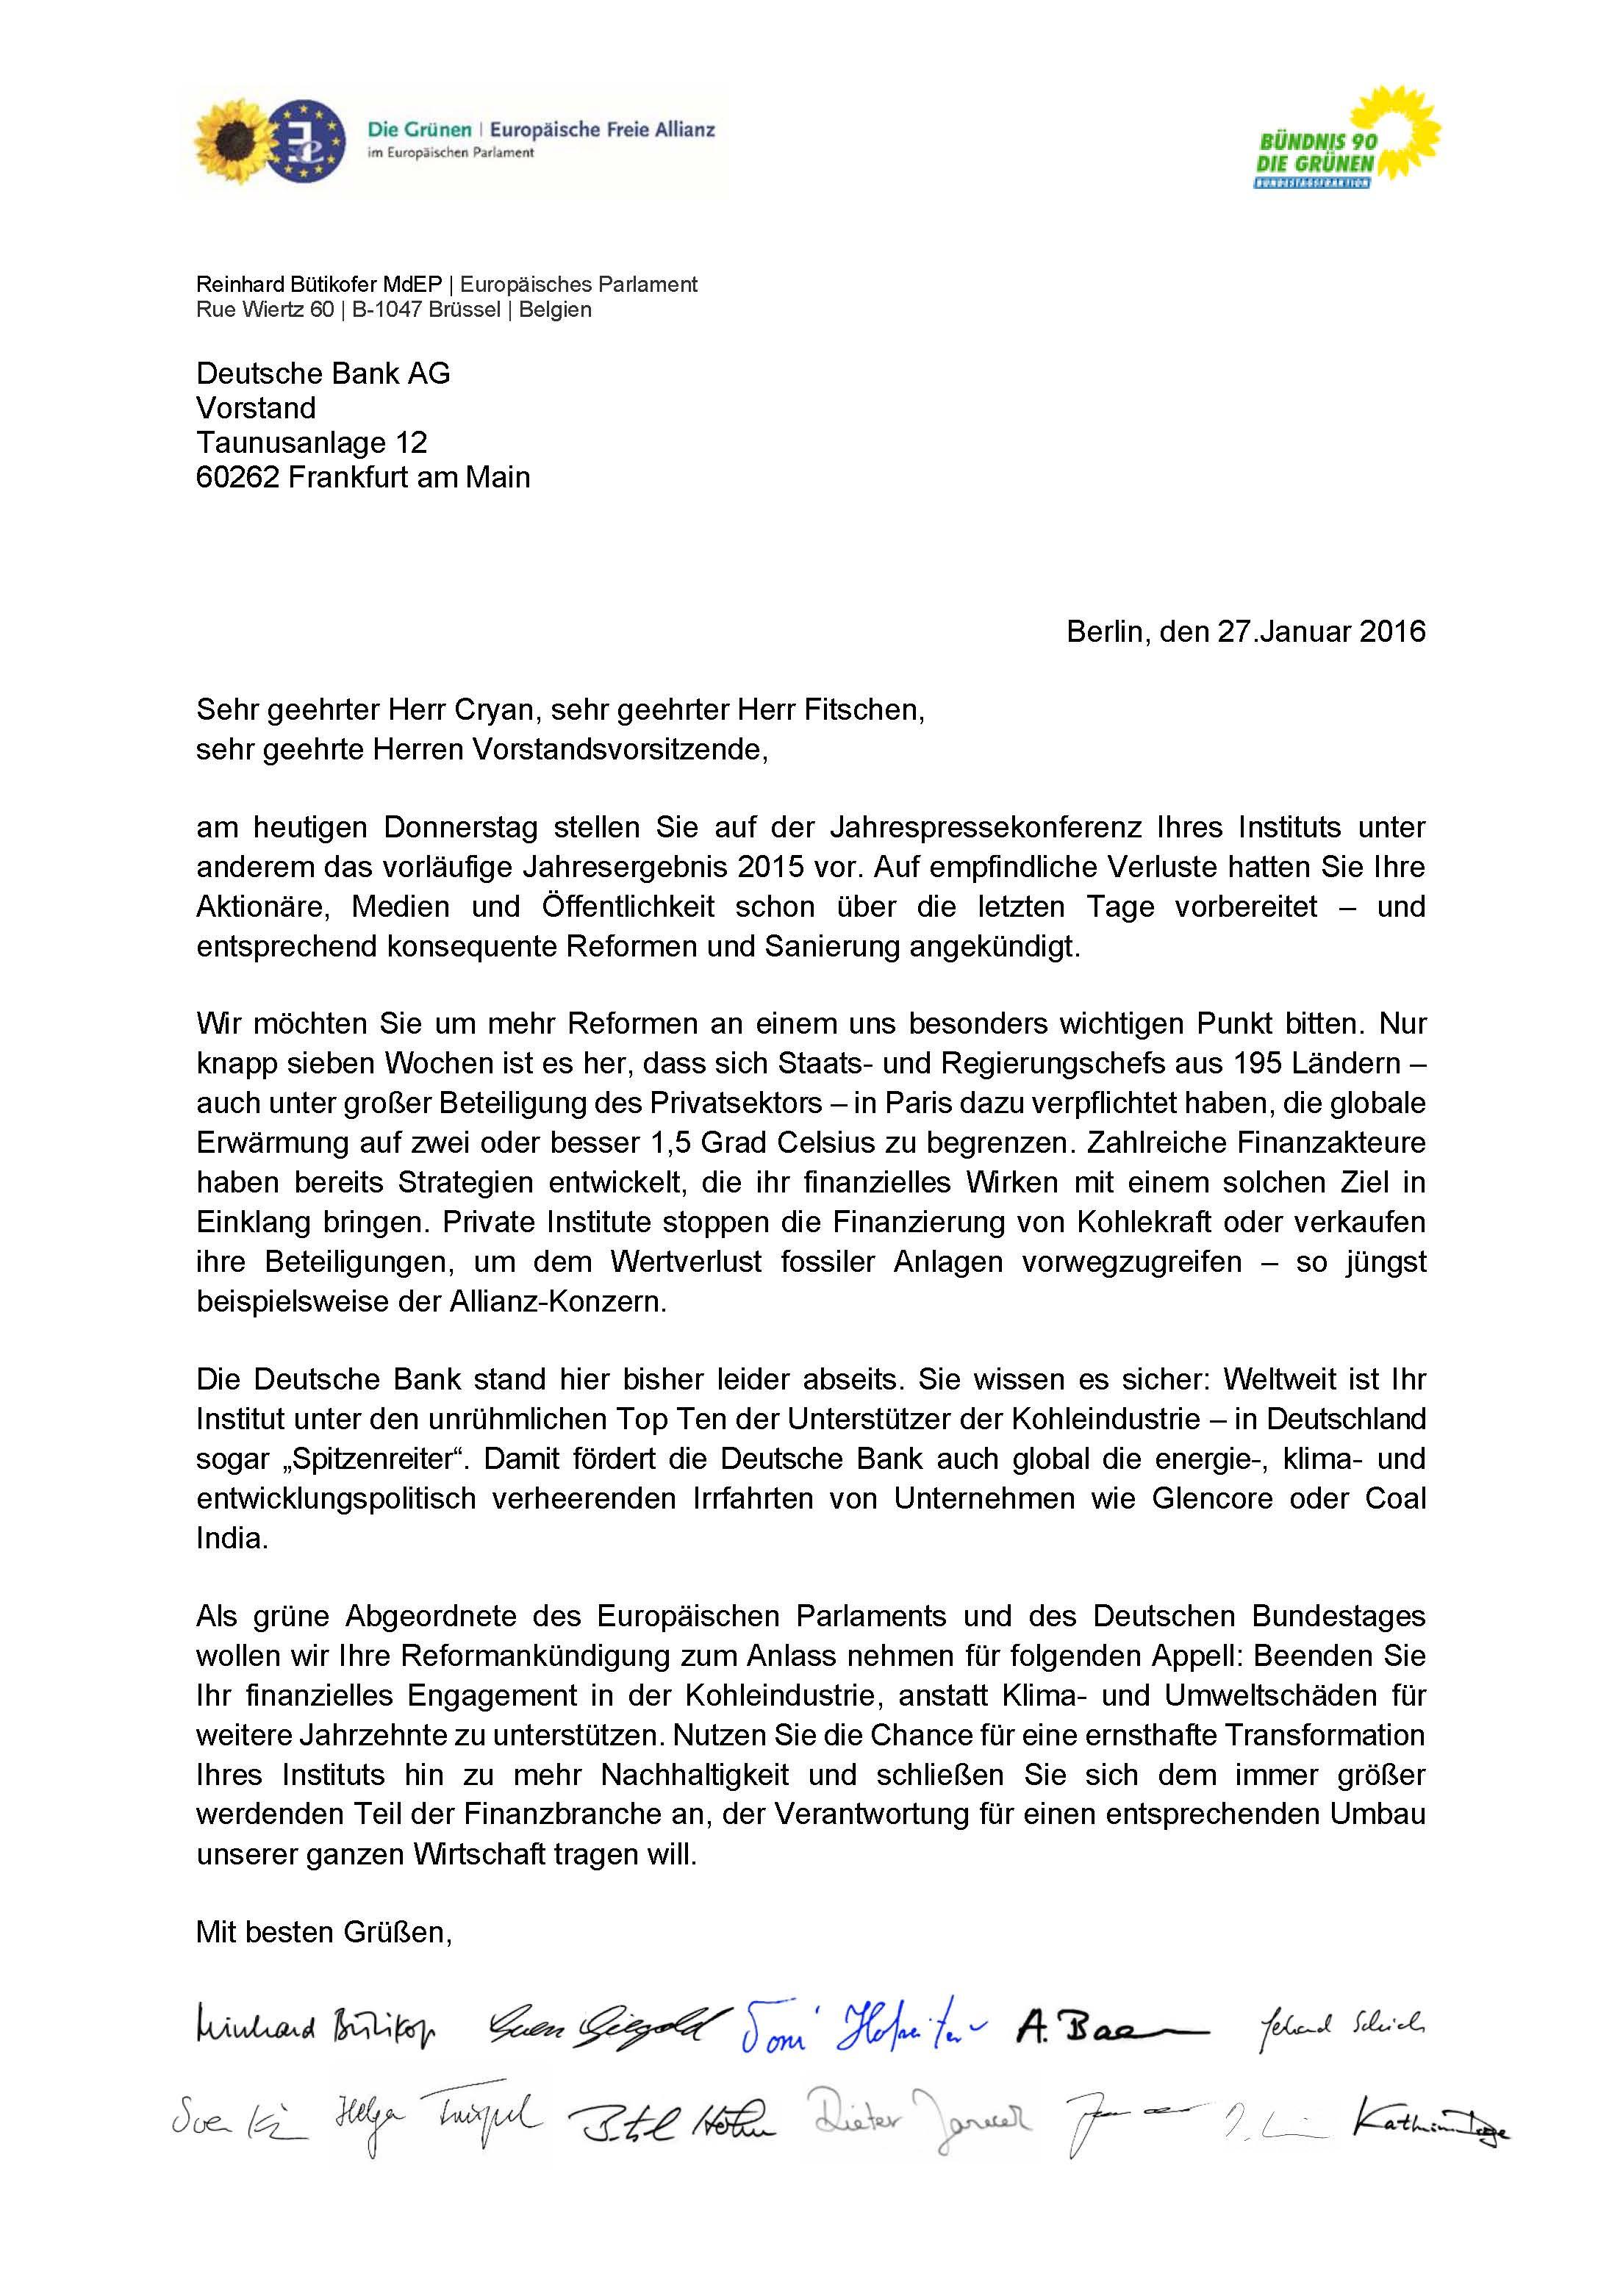 20160127_Offener Brief Deutsche Bank